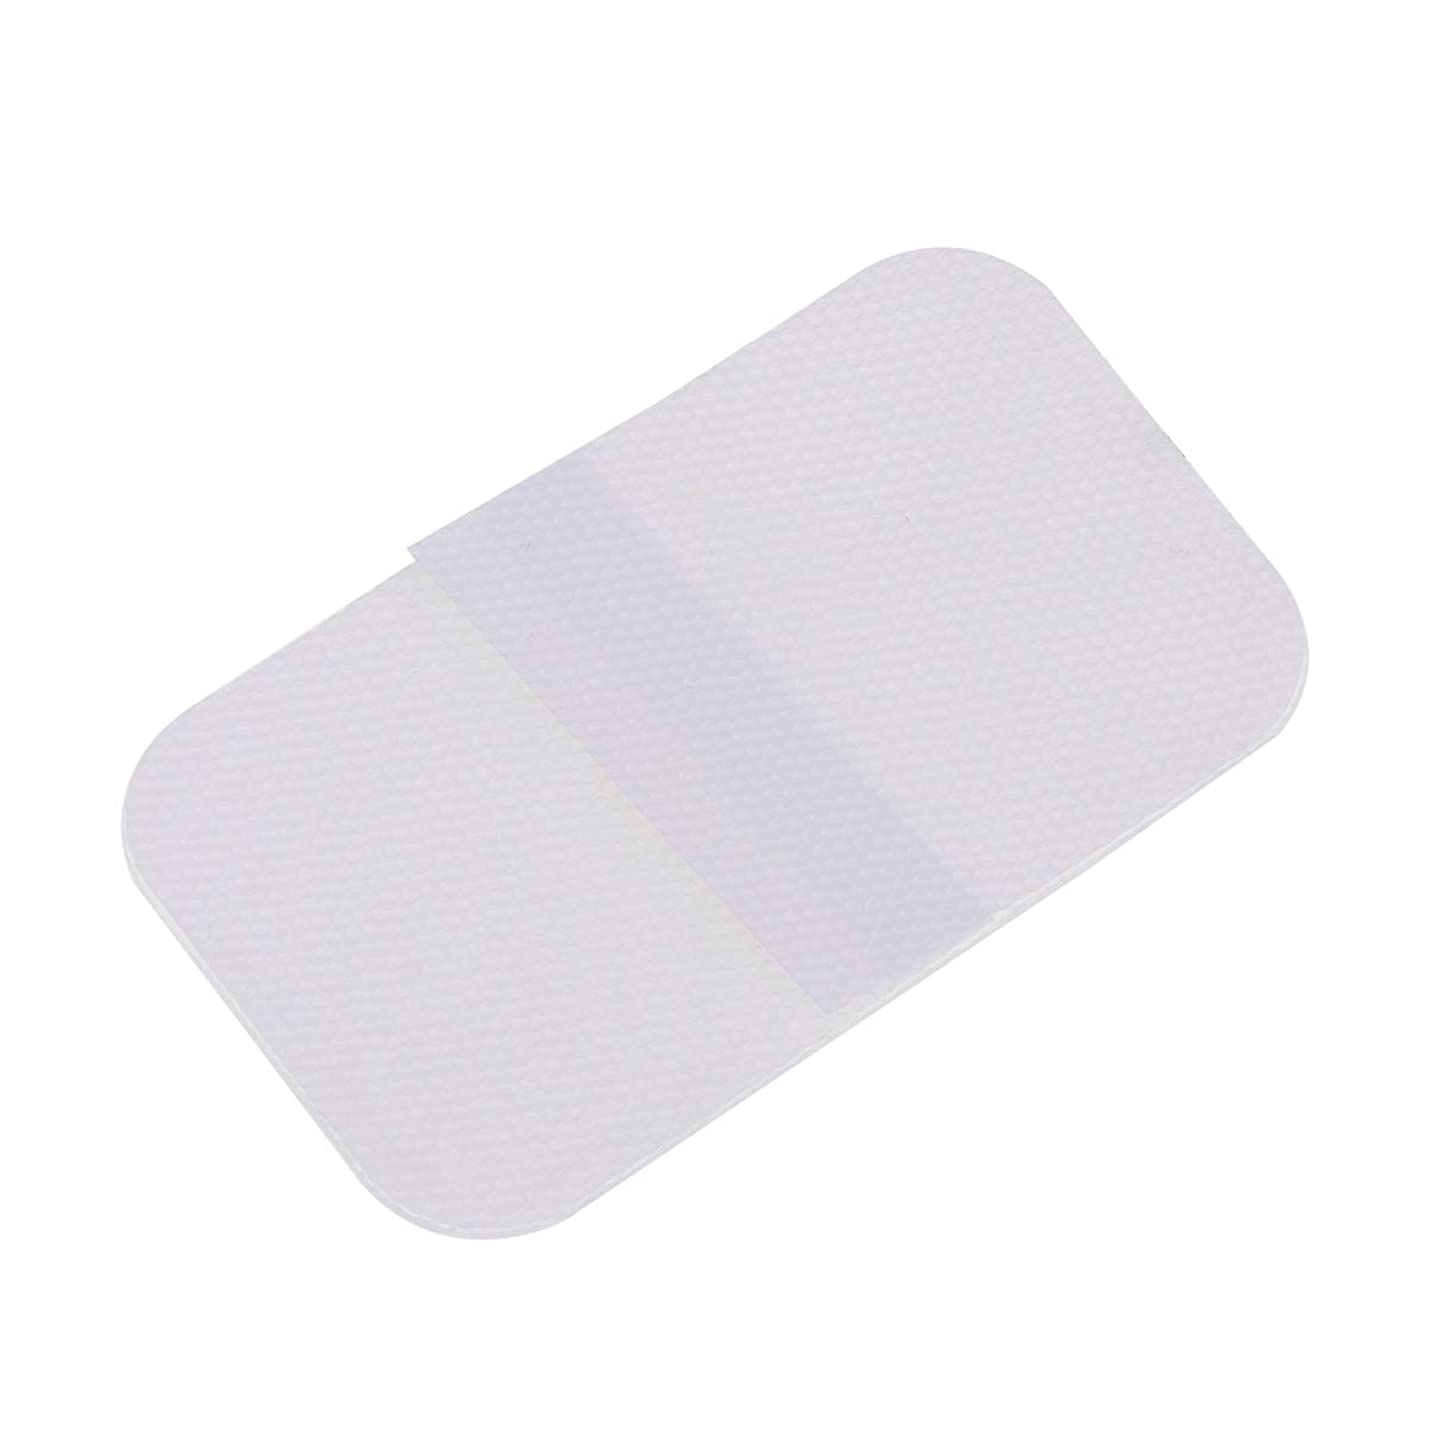 強調どうやらロデオLIOOBO シリコーン傷跡シート傷跡シリコーンテープ洗える帝王切開透明傷跡ステッカー正方形シェイプシリコーン傷跡治療